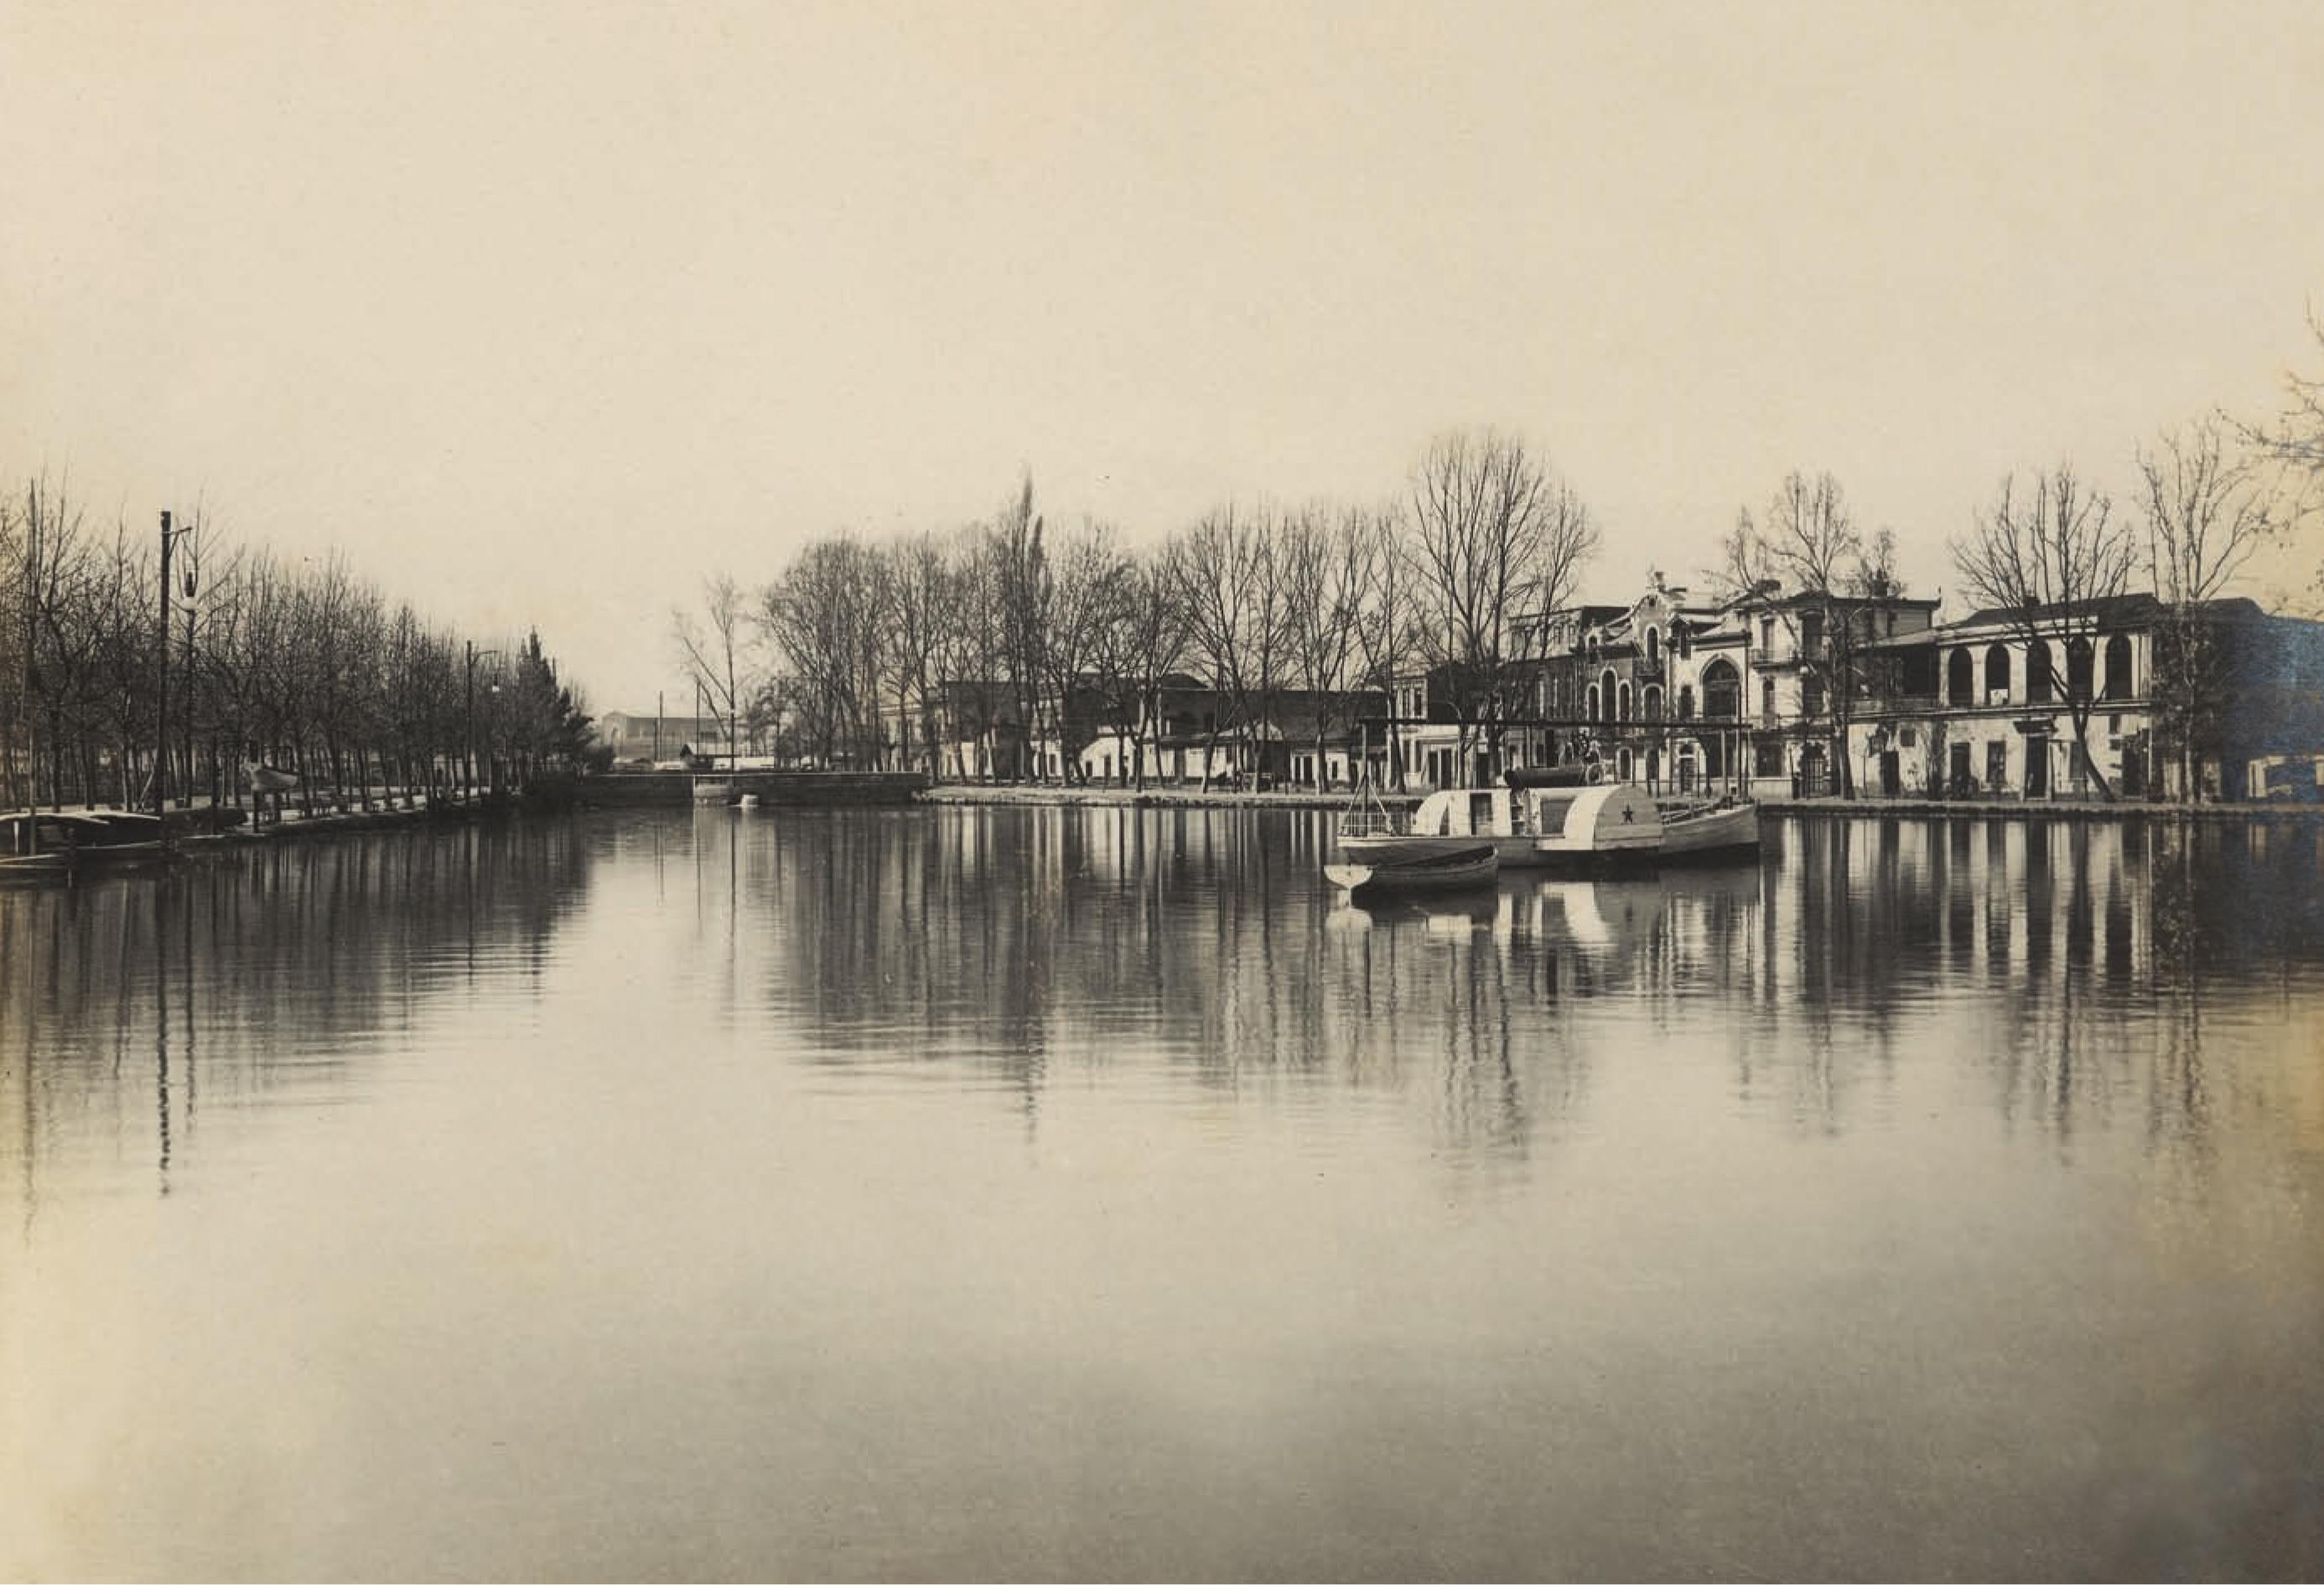 Enterreno - Fotos históricas de chile - fotos antiguas de Chile - Laguna del Parque Forestal, Santiago año 1910